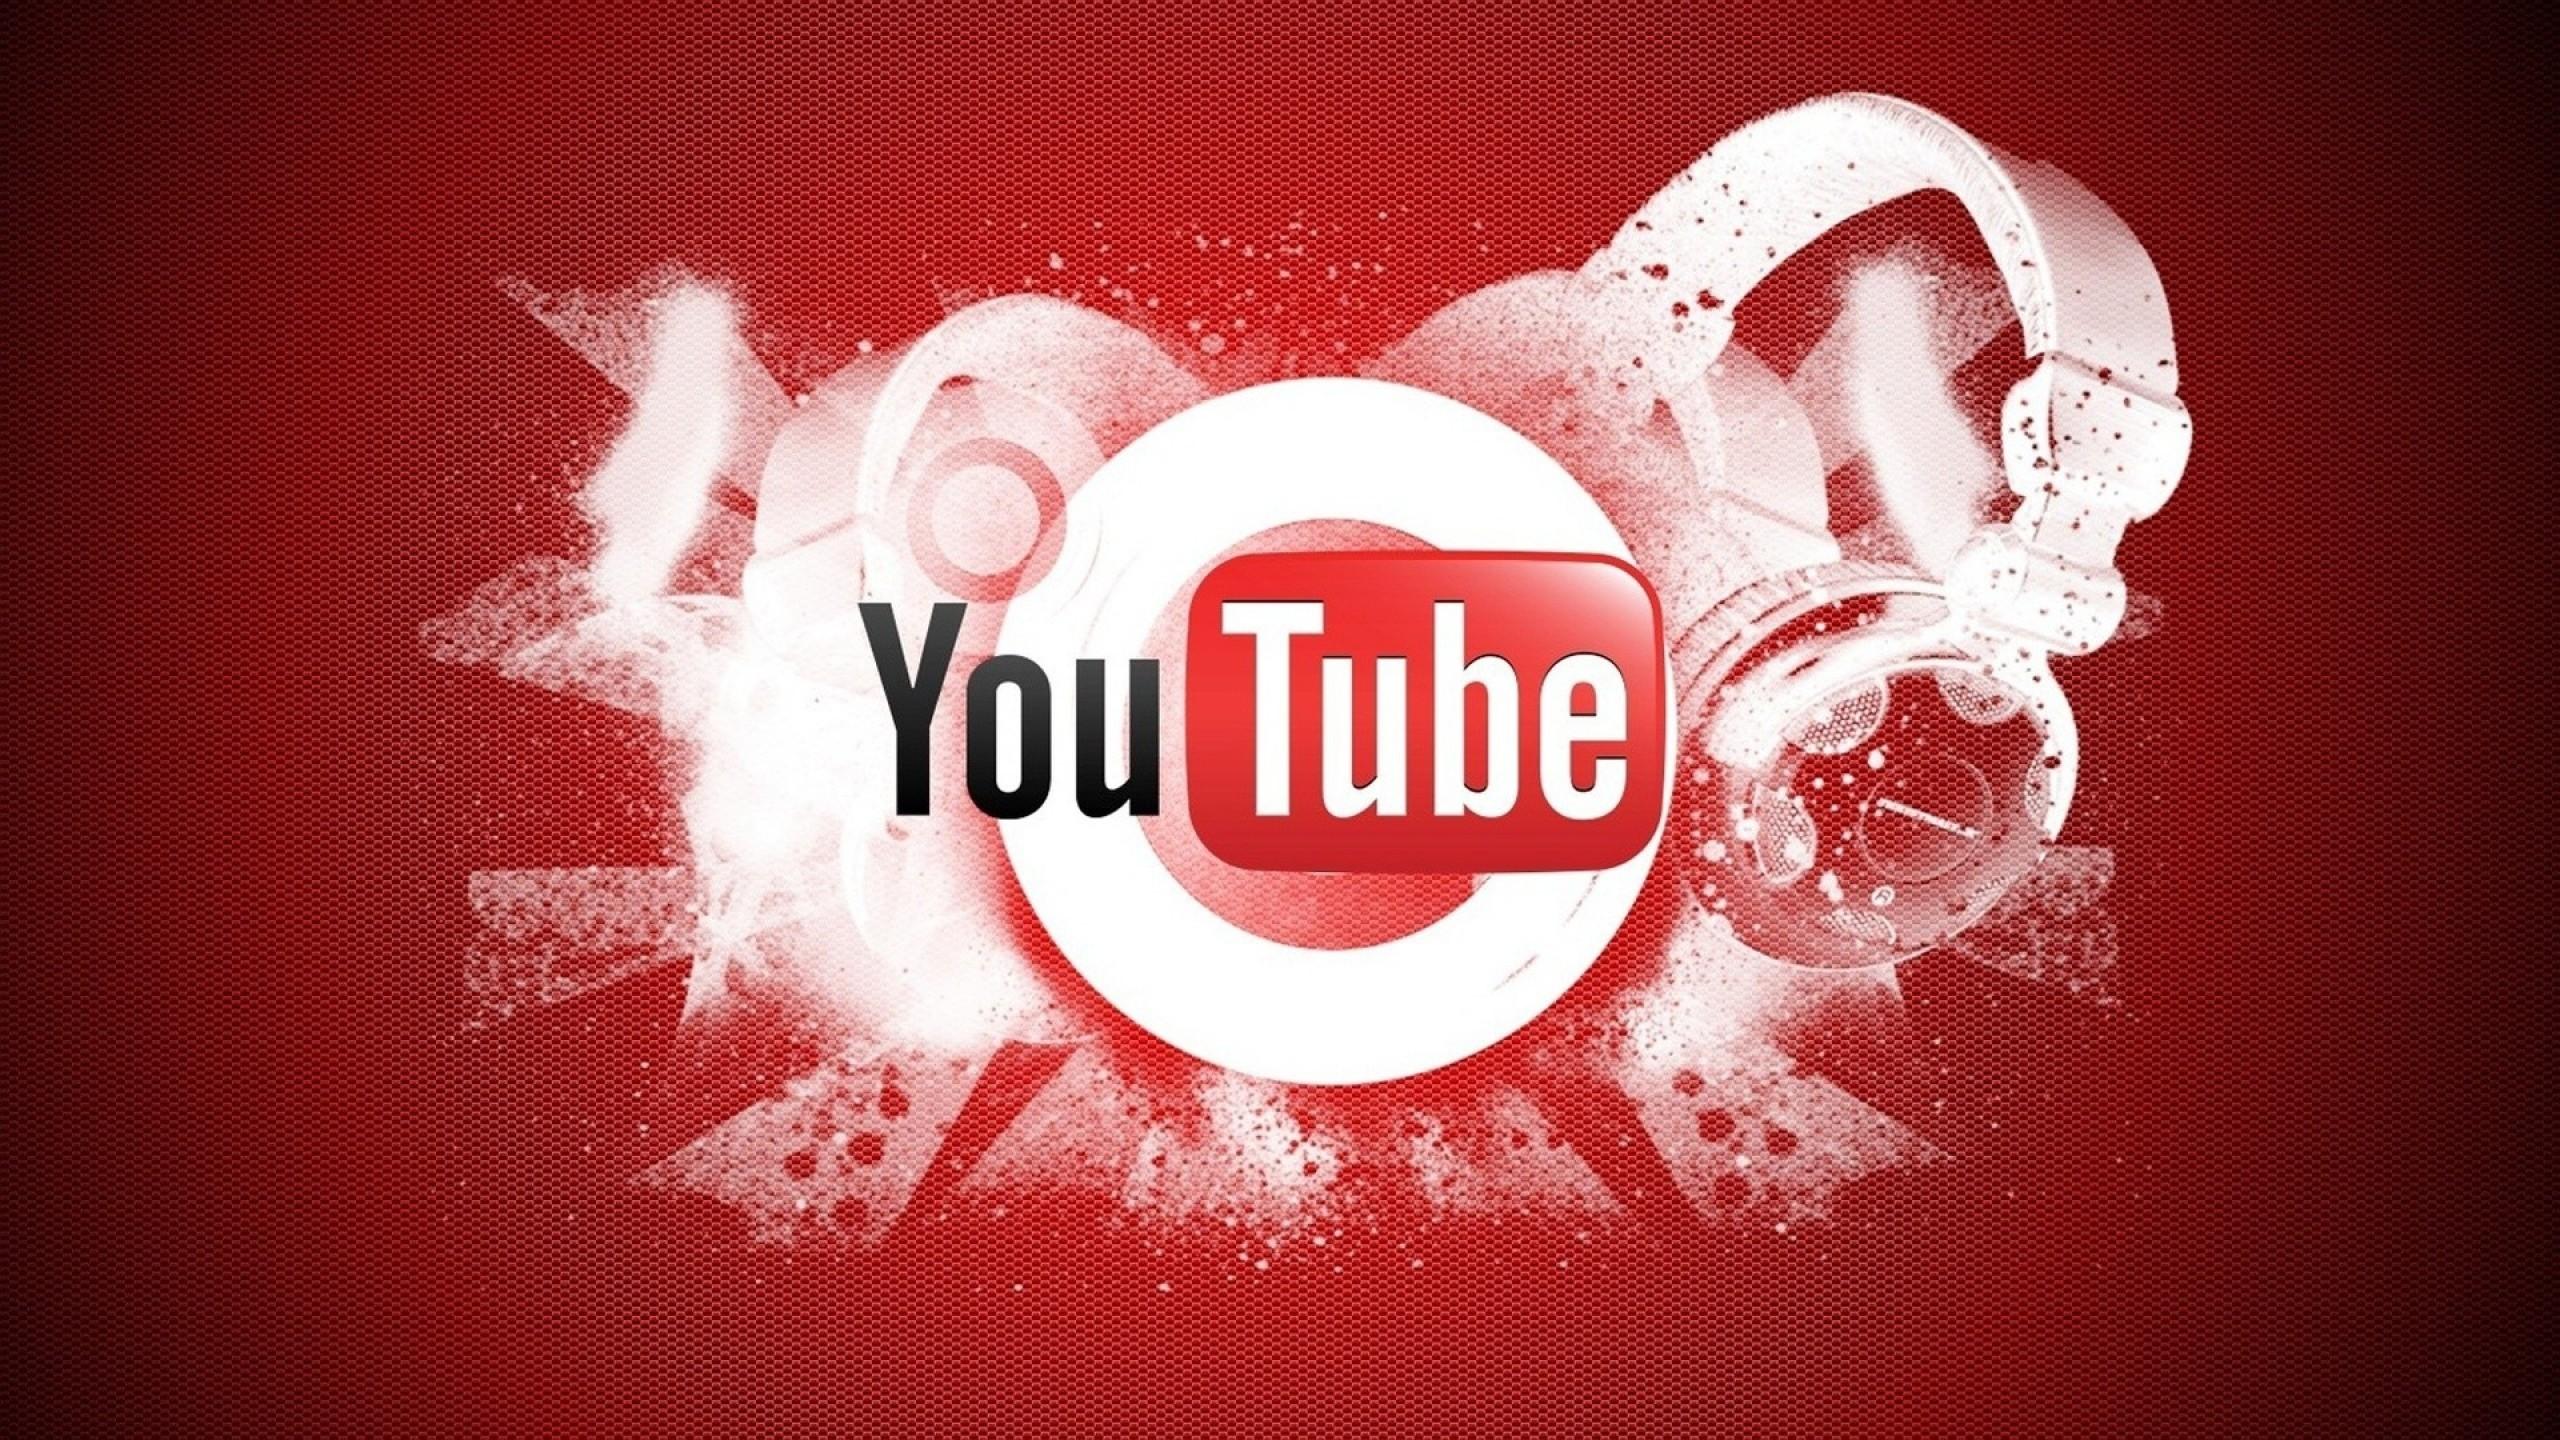 Wallpaper youtube, video hosting, logo, google